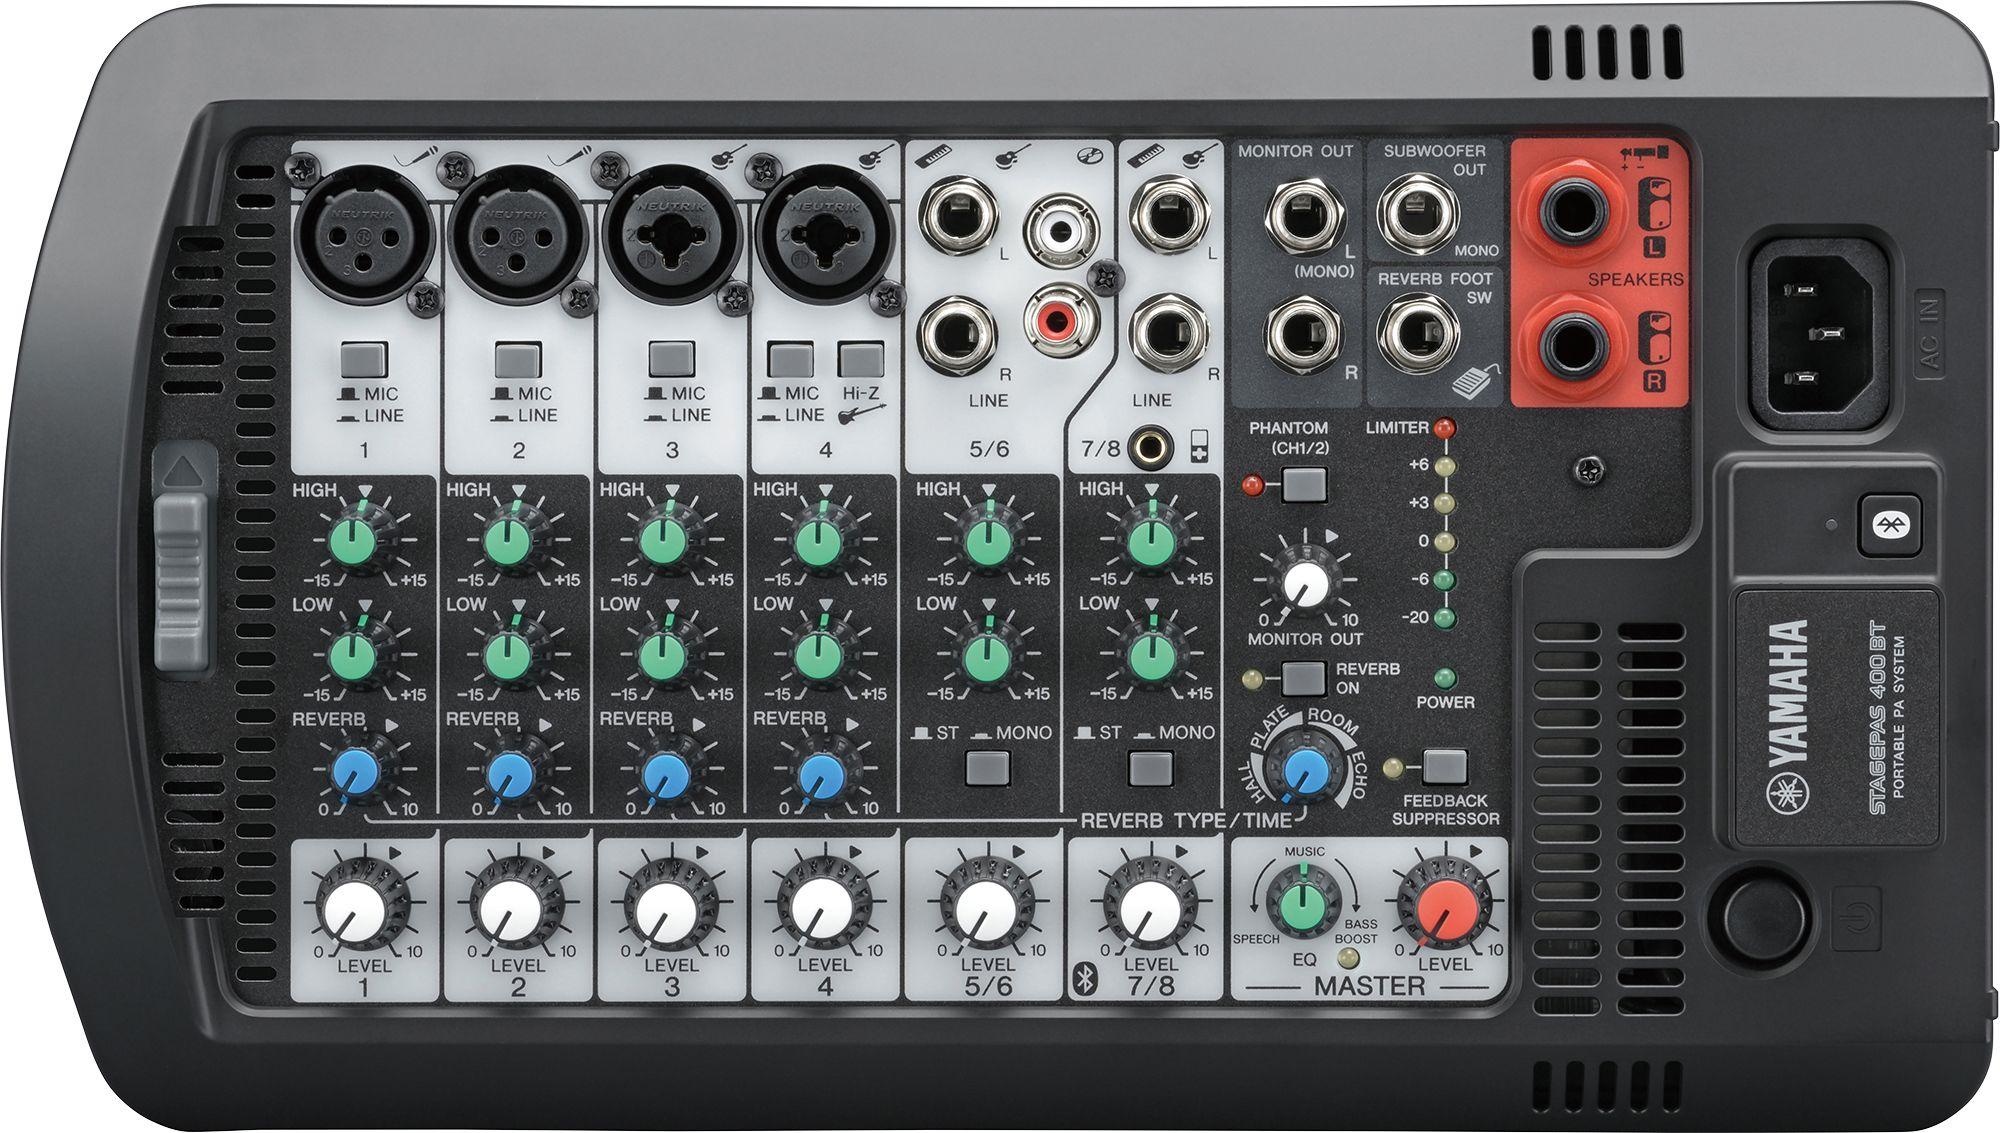 stagepas400bt-mixer-2000x1133-ee0e75f1802de1f3b11169341481d2b6.jpg